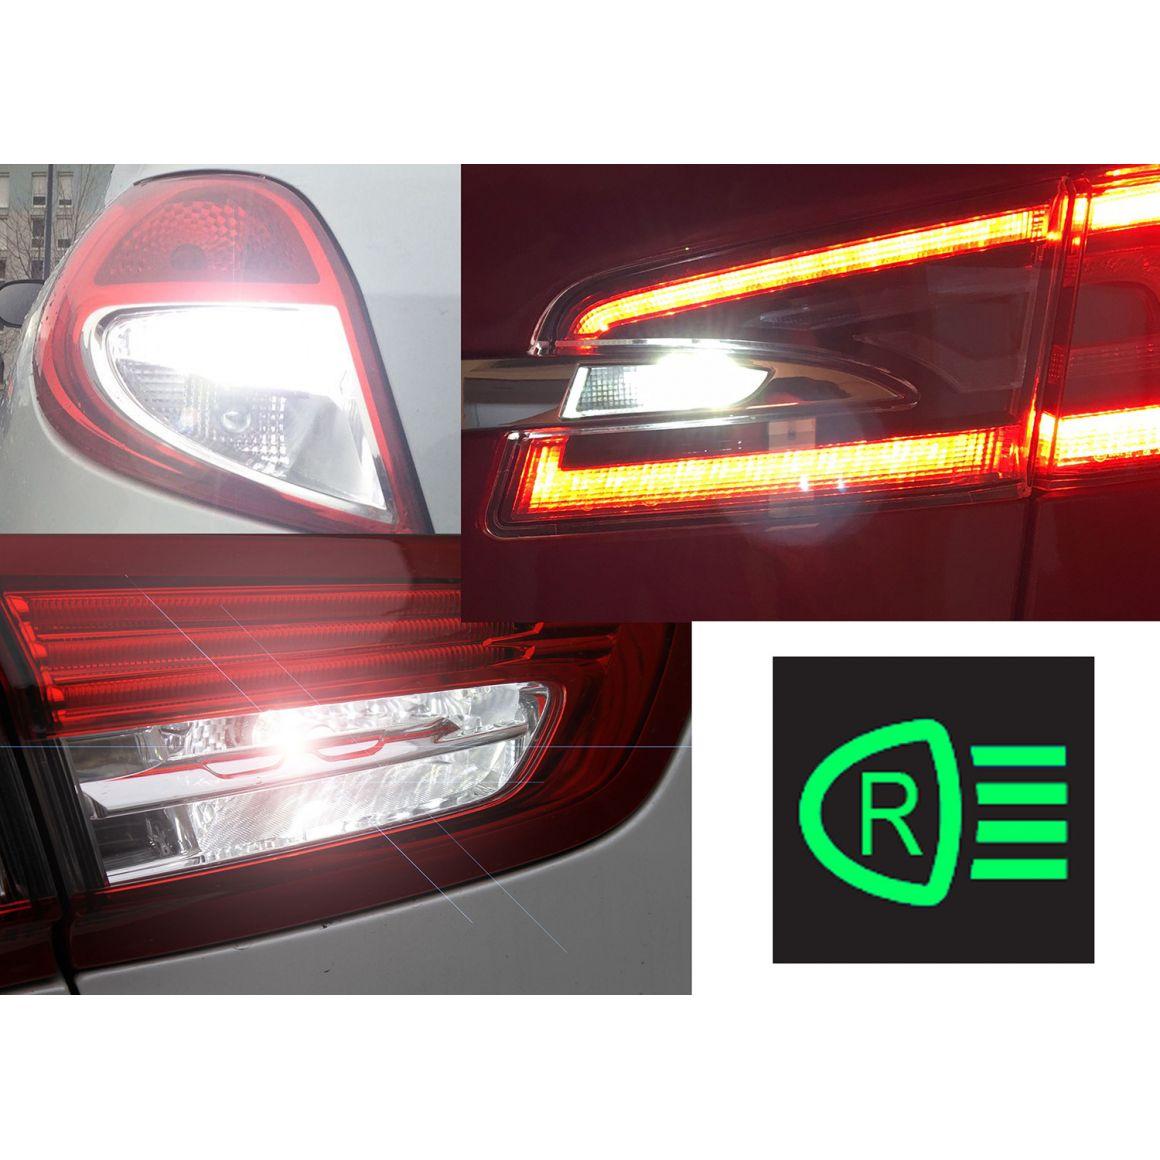 Backup Led Lights Pack For Peugeot 407